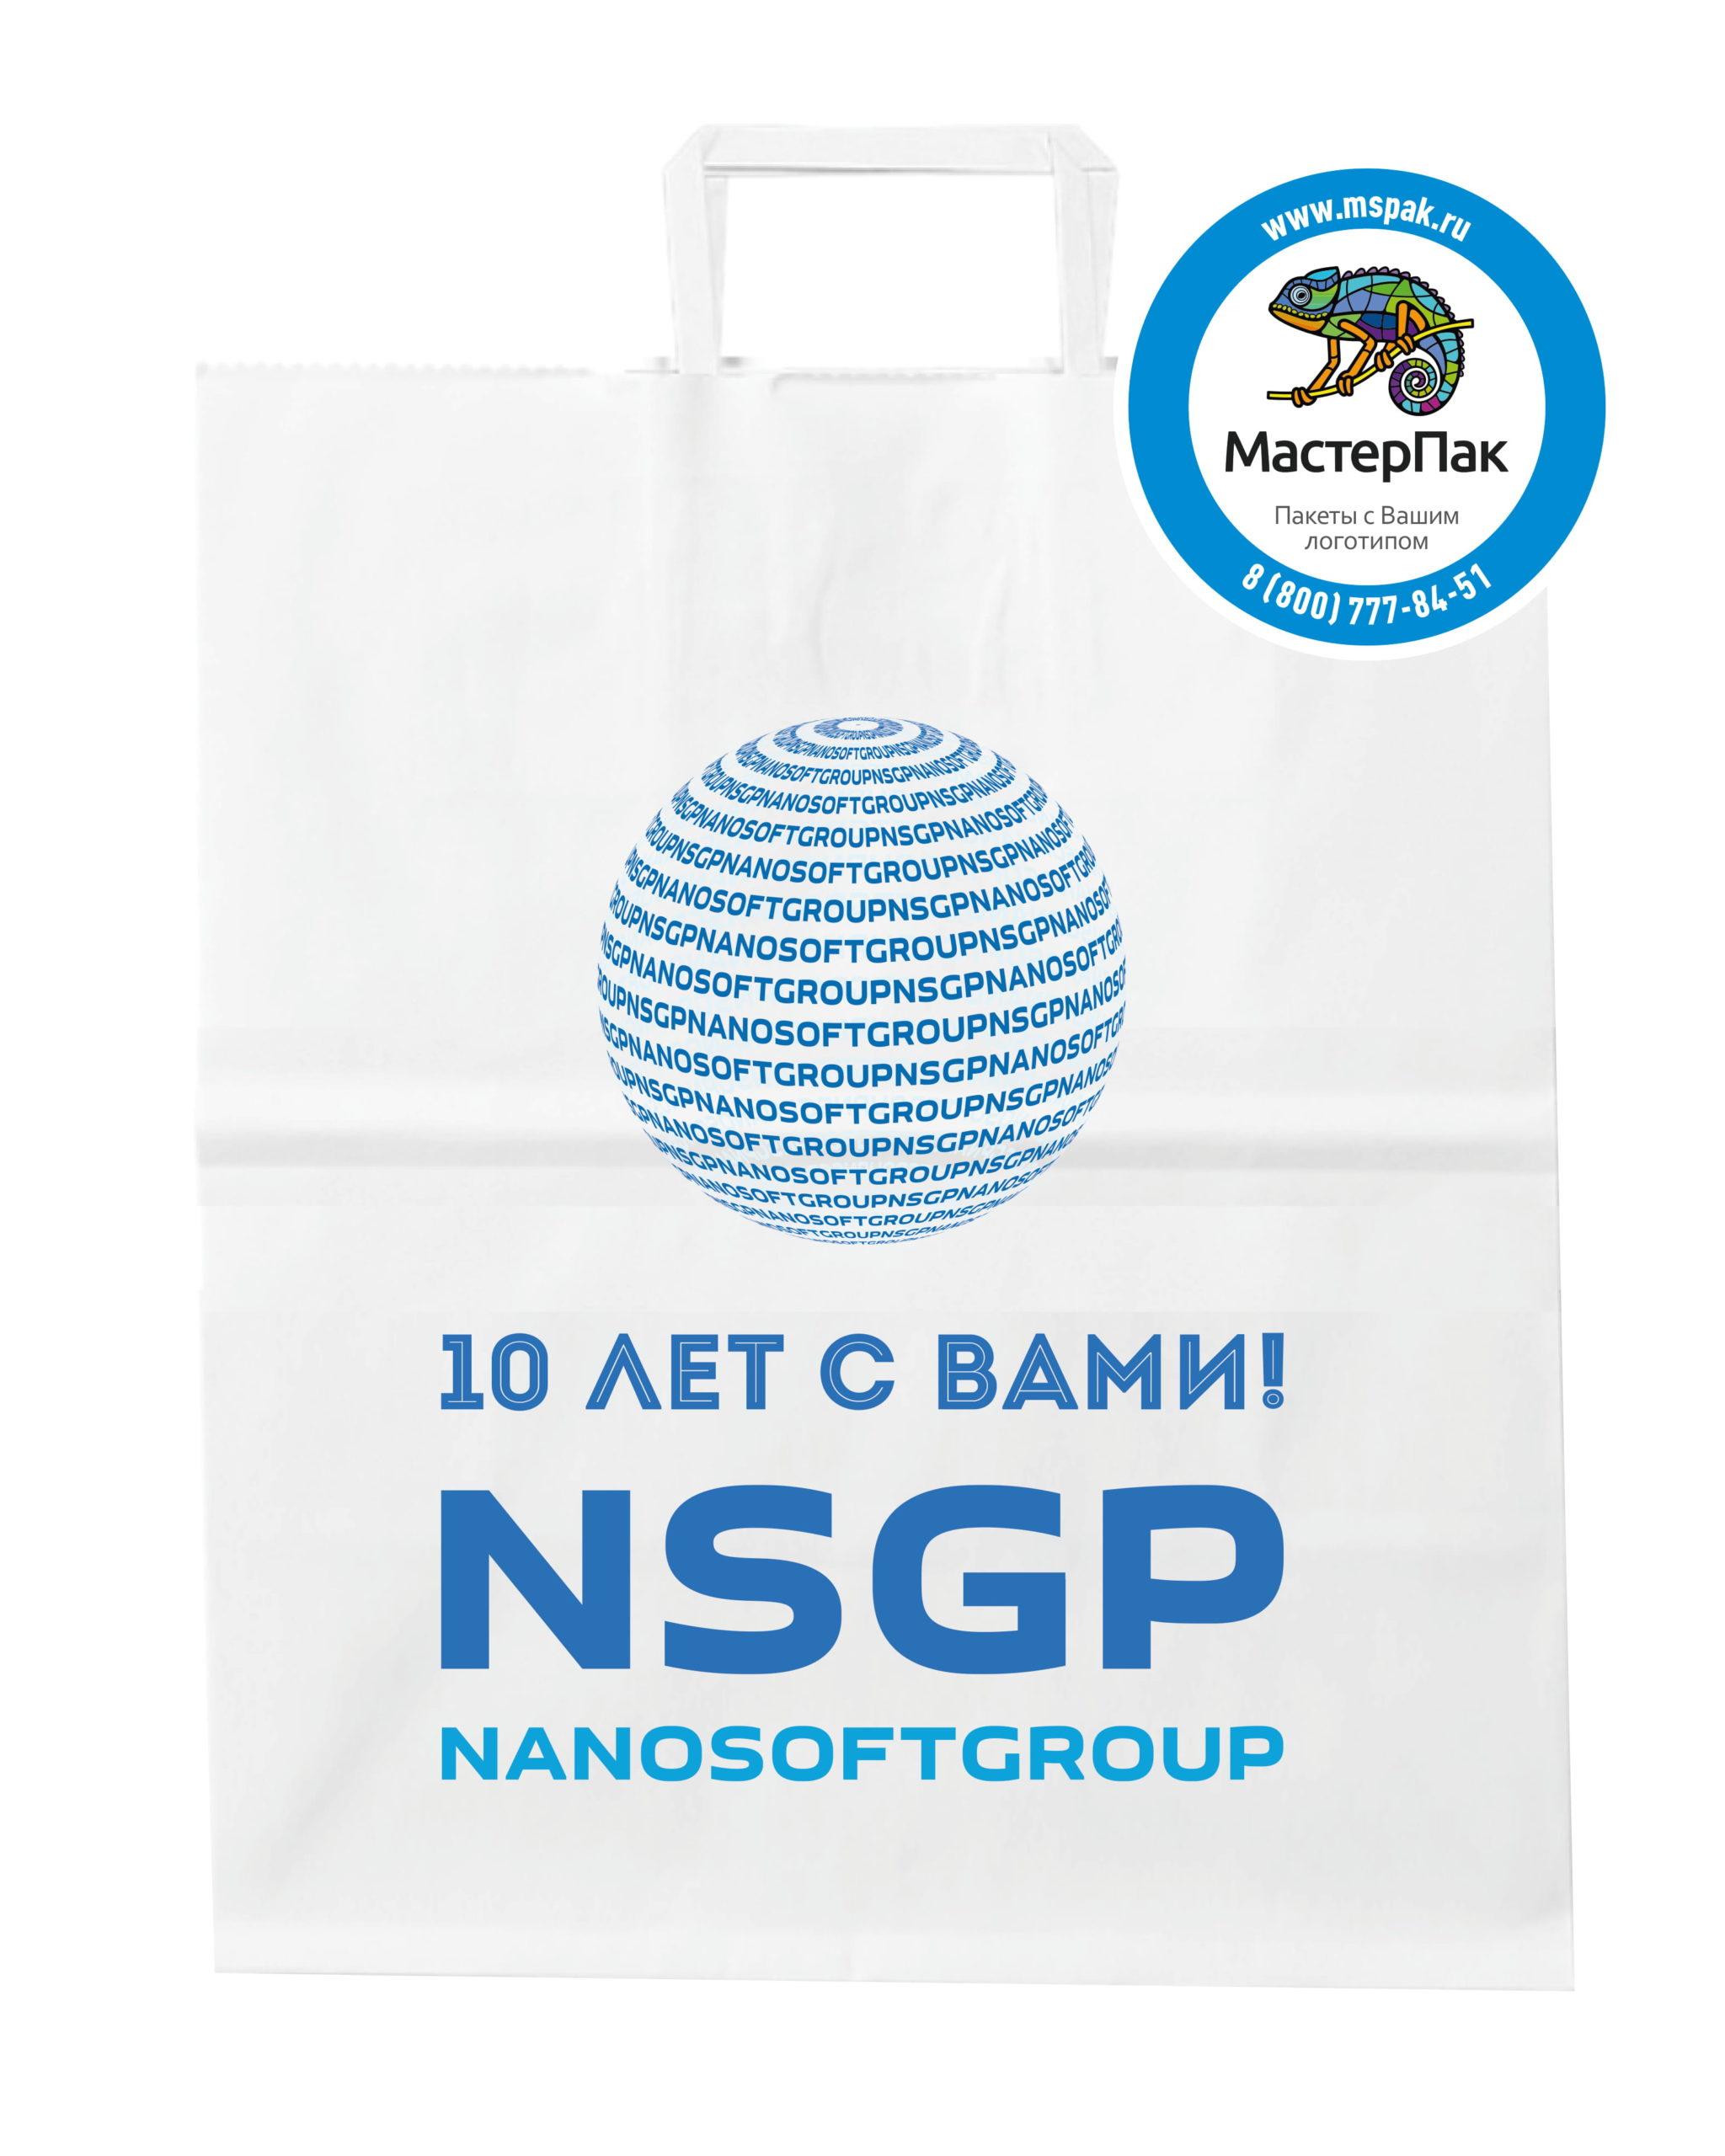 Пакет бумажный, белый с логотипом NanoSoftGroup, Москва